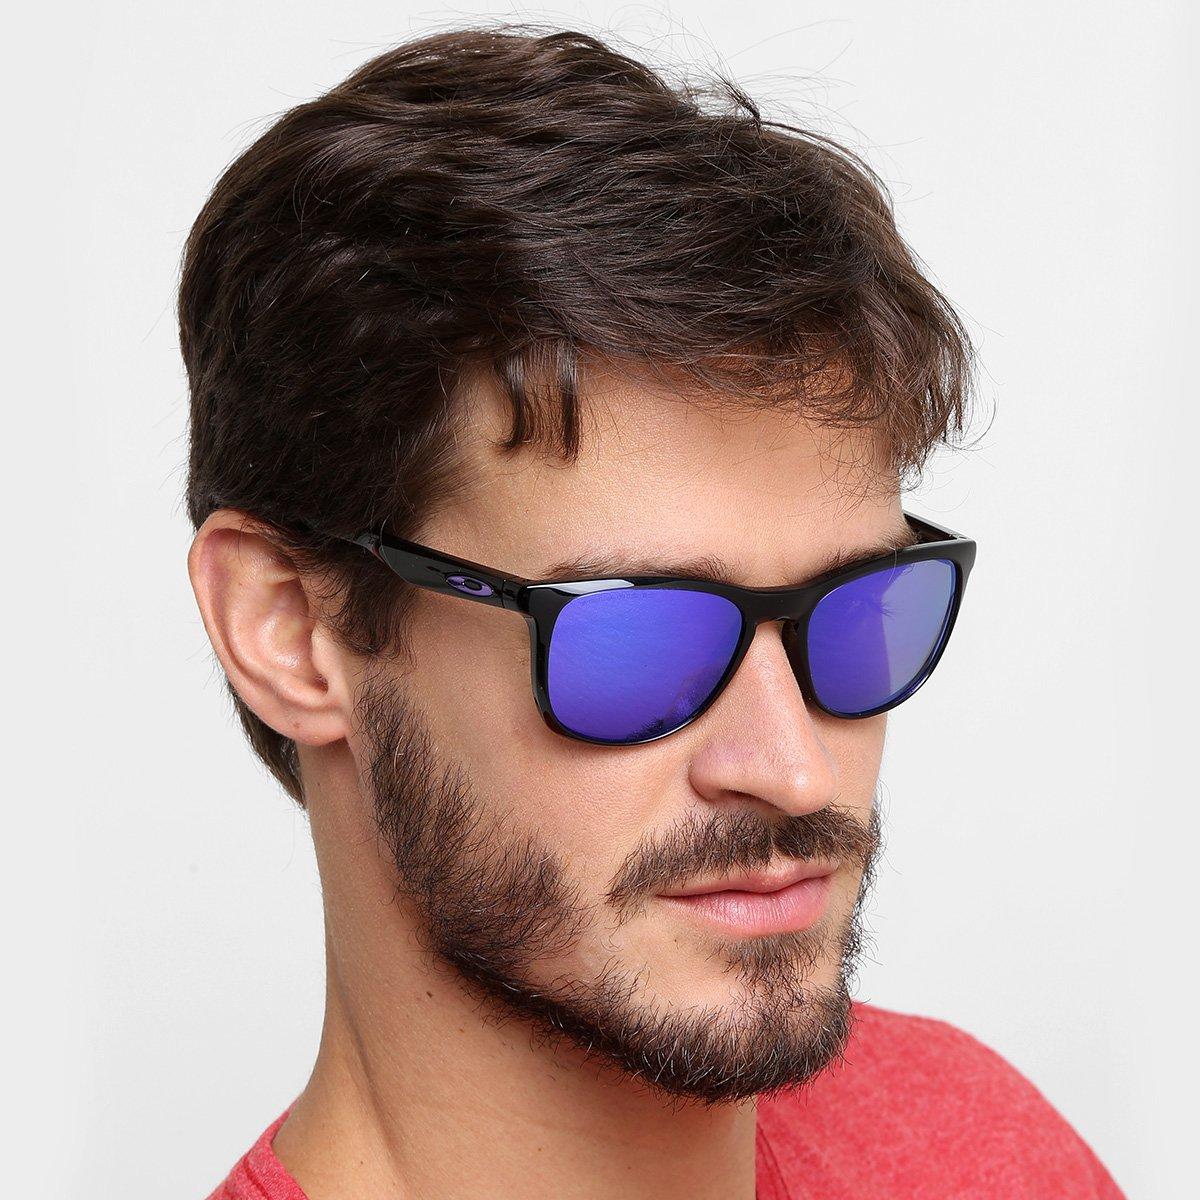 b4a2f45cf522f Óculos de Sol Oakley Trillbe X Masculino - Preto e Roxo - Compre ...